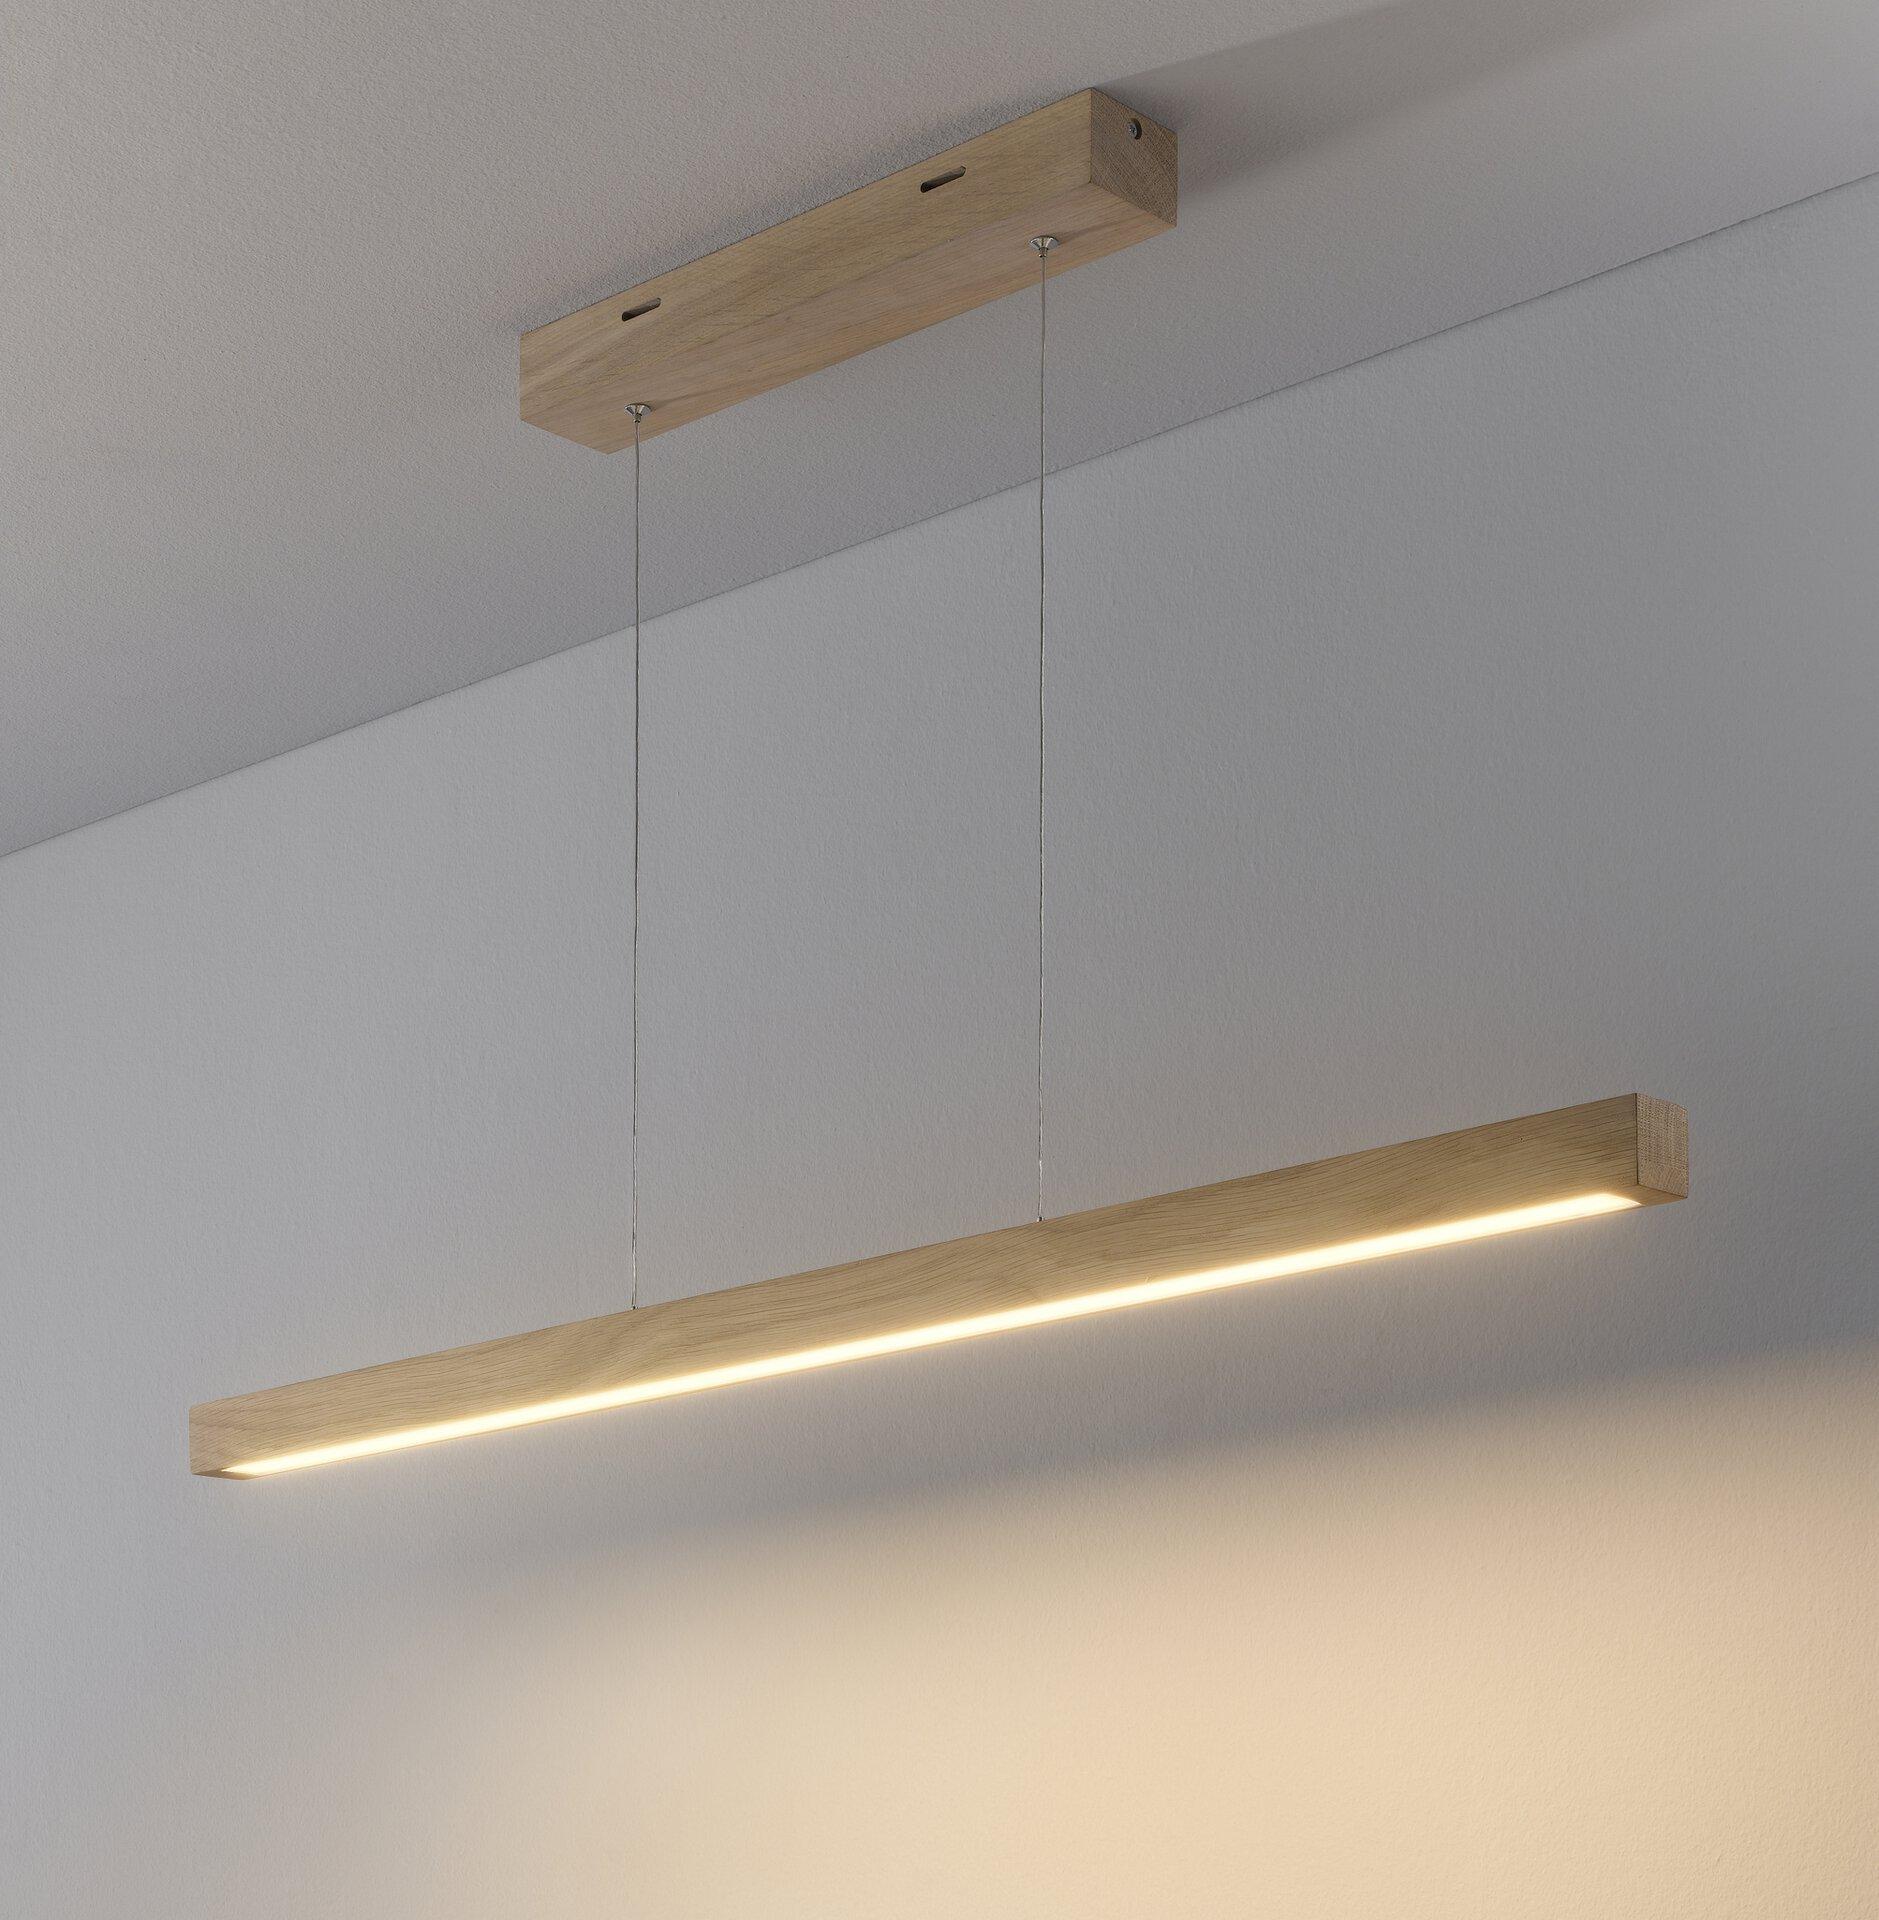 Hängeleuchte SMAL MONDO Holz braun 4 x 110 x 100 cm